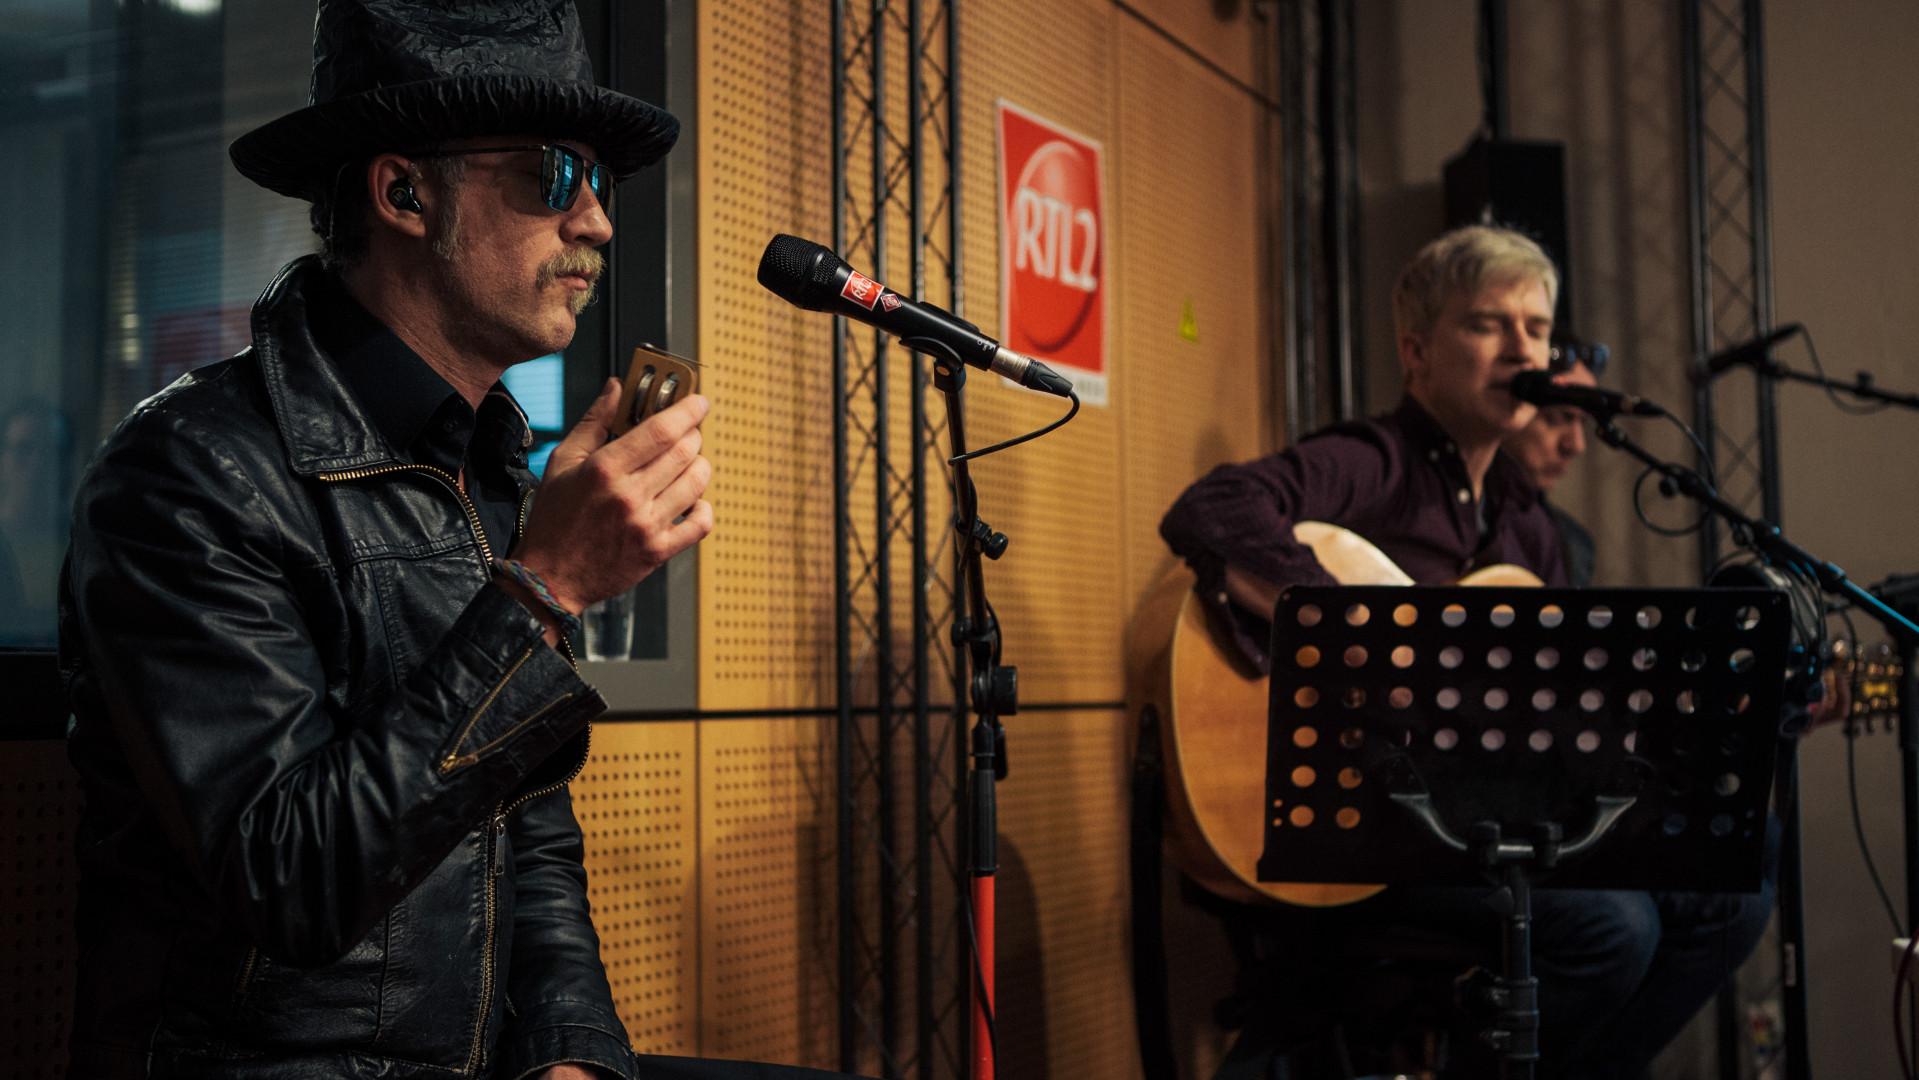 Ira Elliot, Matthew Caws de Nada Surf en session dans les studios de RTL2